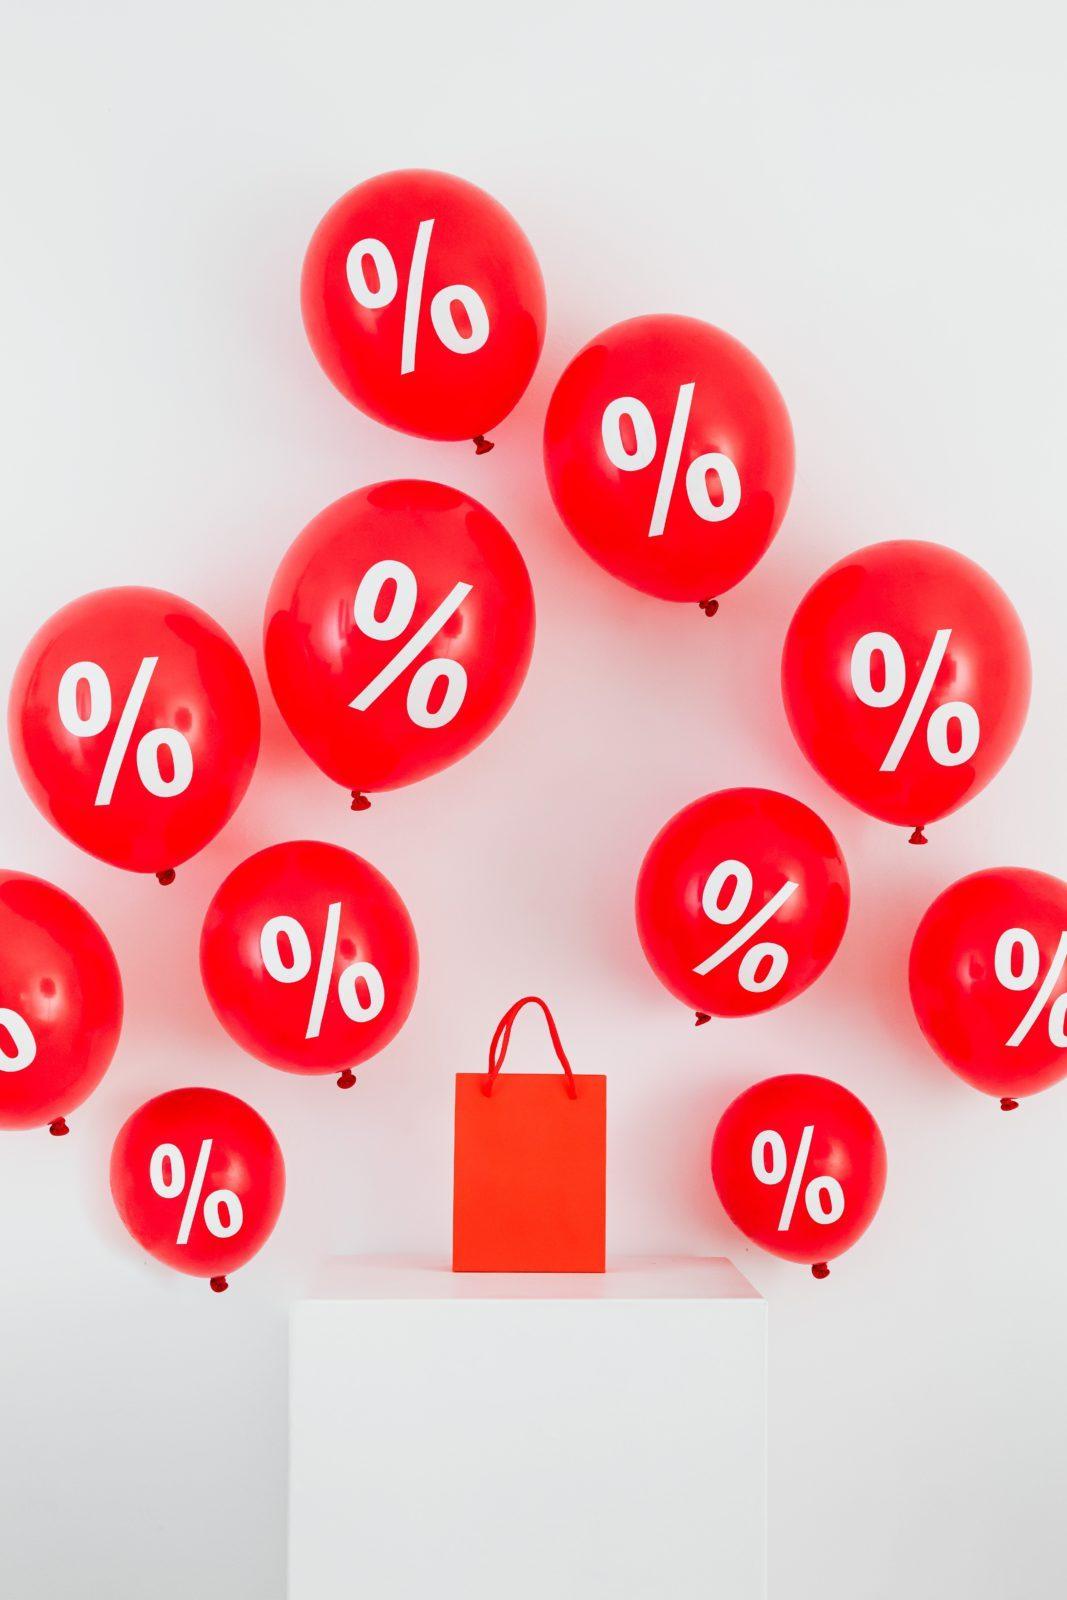 Comissão em marketplace: quanto custa vender nos principais sites do e-commerce.